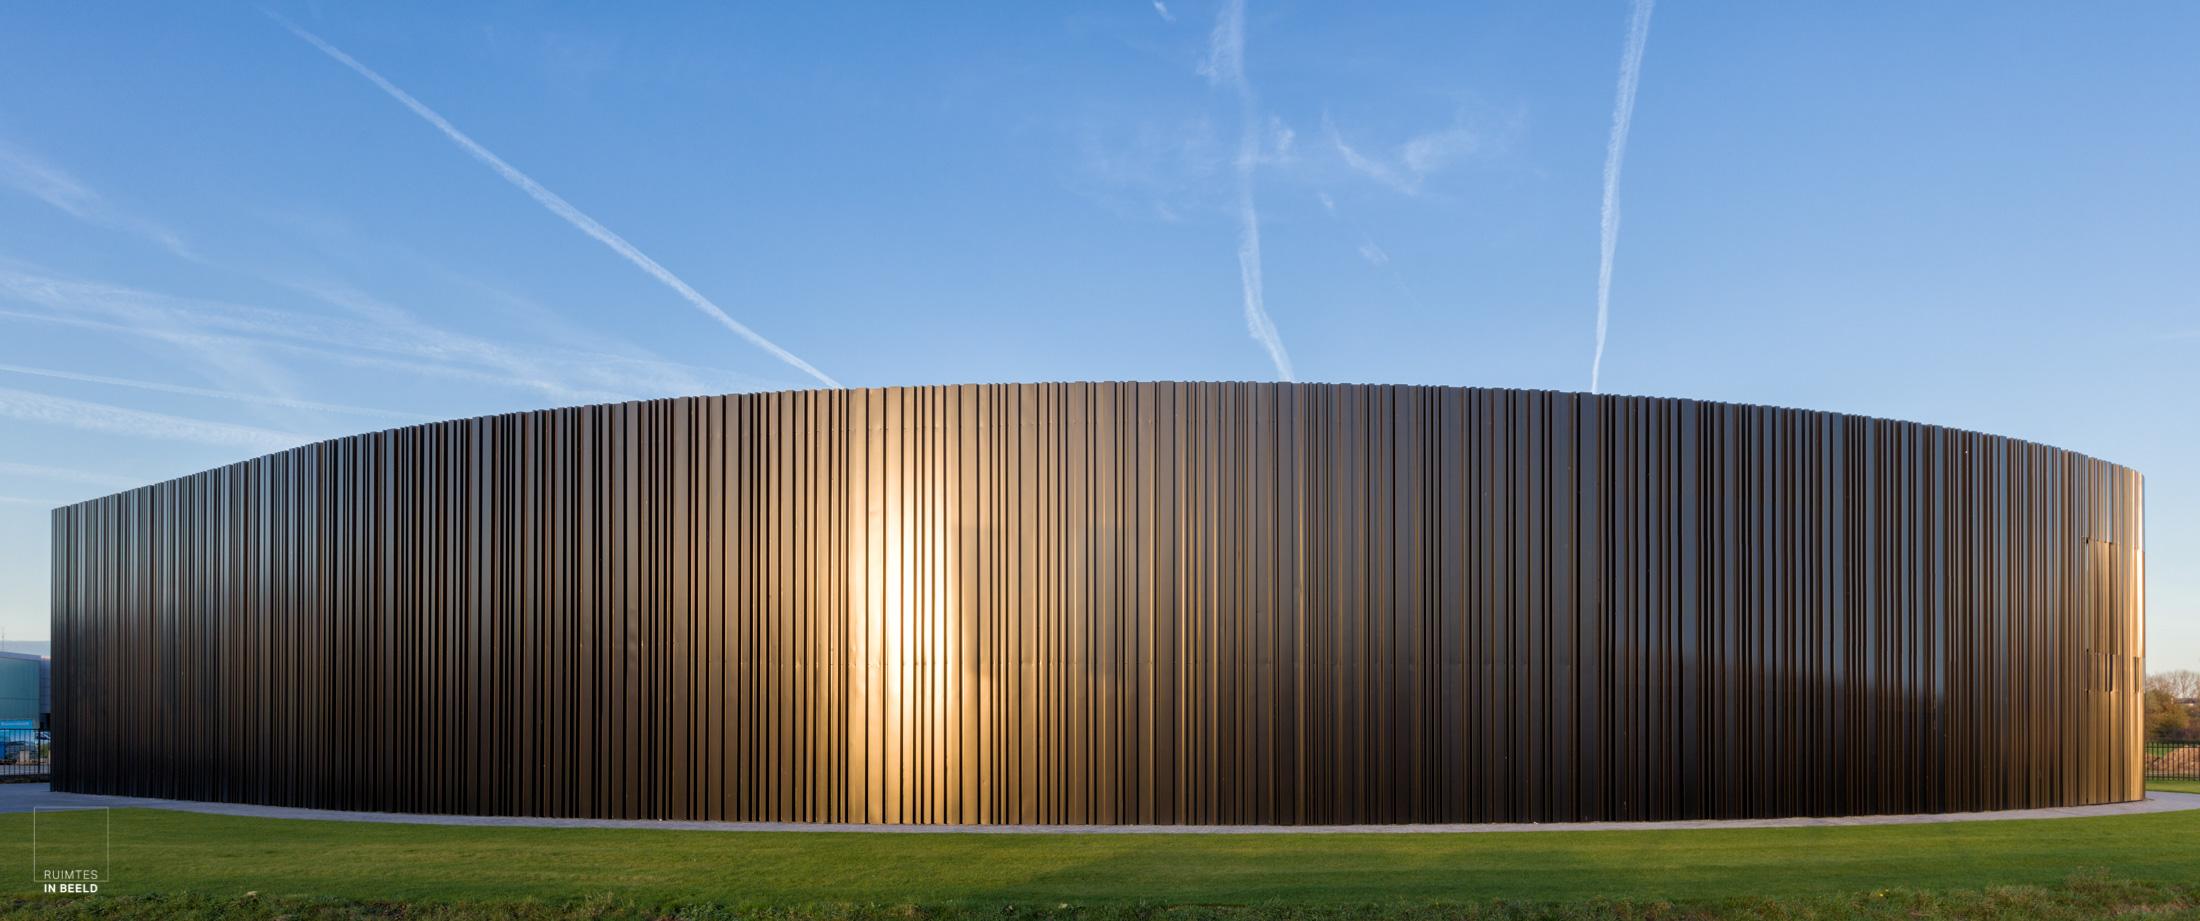 De architectuur van bedrijfsgebouwen is vaak zeer functioneel. Om er toch spectaculaire beelden van te maken, is de architectuurfotograaf mede aangewezen op ideale lichtomstandigheden.